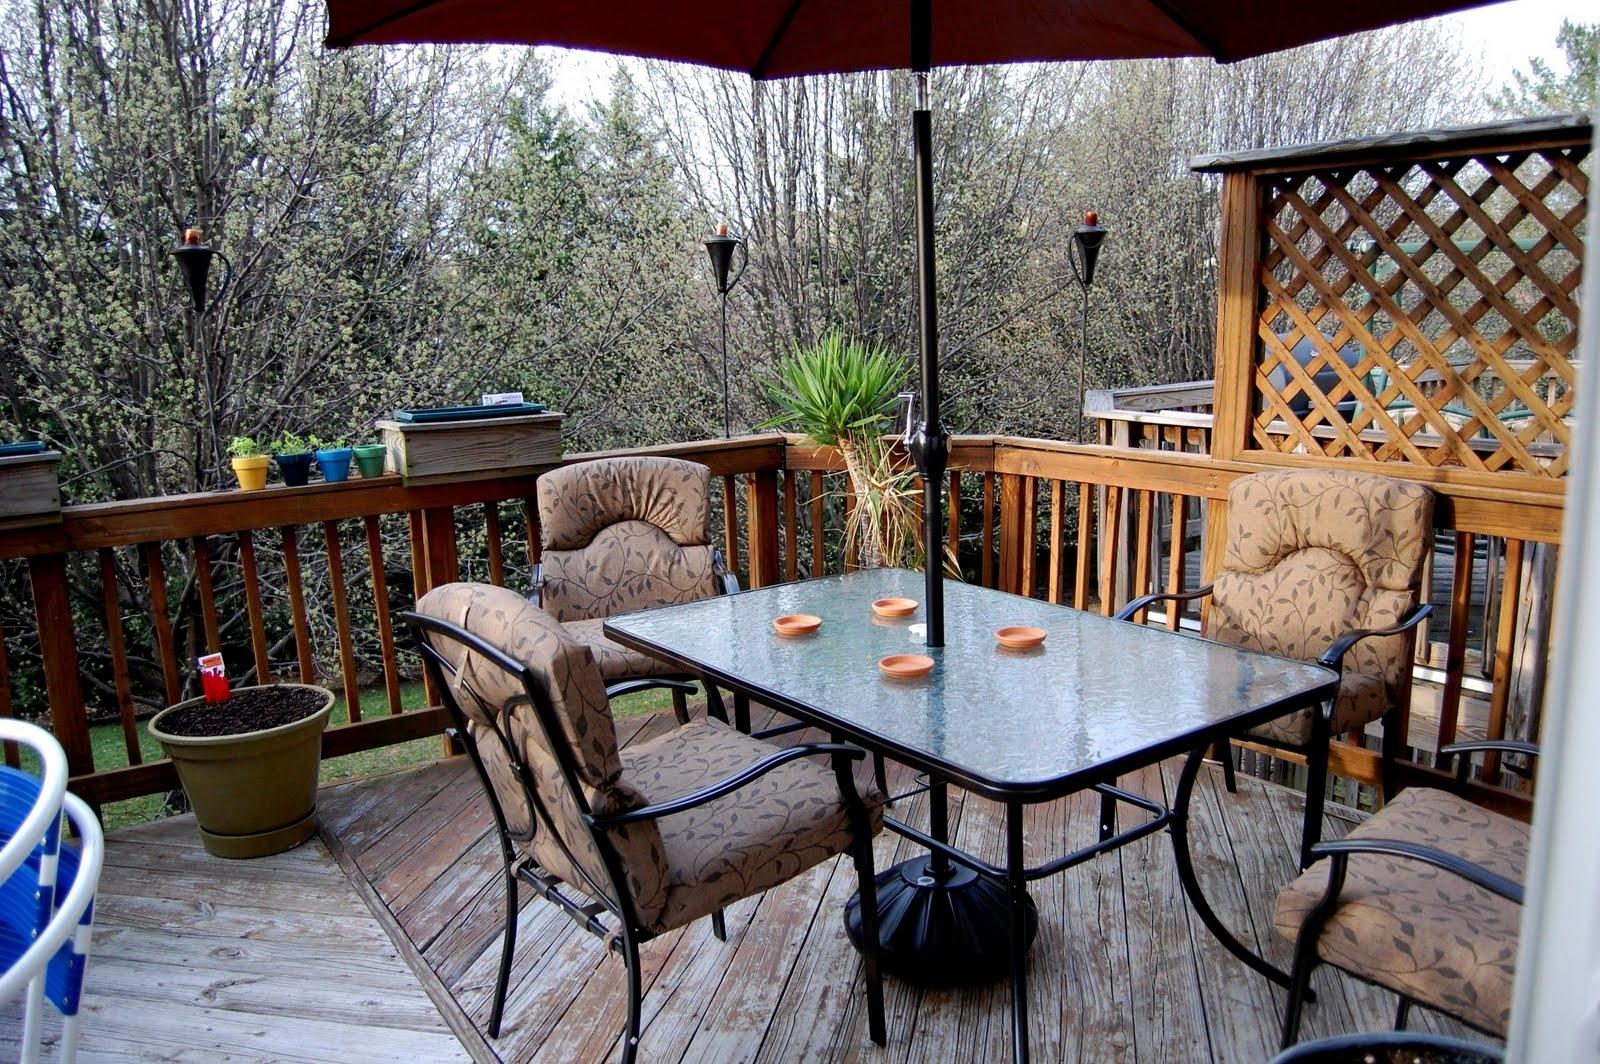 Big Lots Patio Umbrellas For 2018 45 Big Lots Outdoor Patio Furniture, Patio Furniture At Big Lots (View 5 of 20)